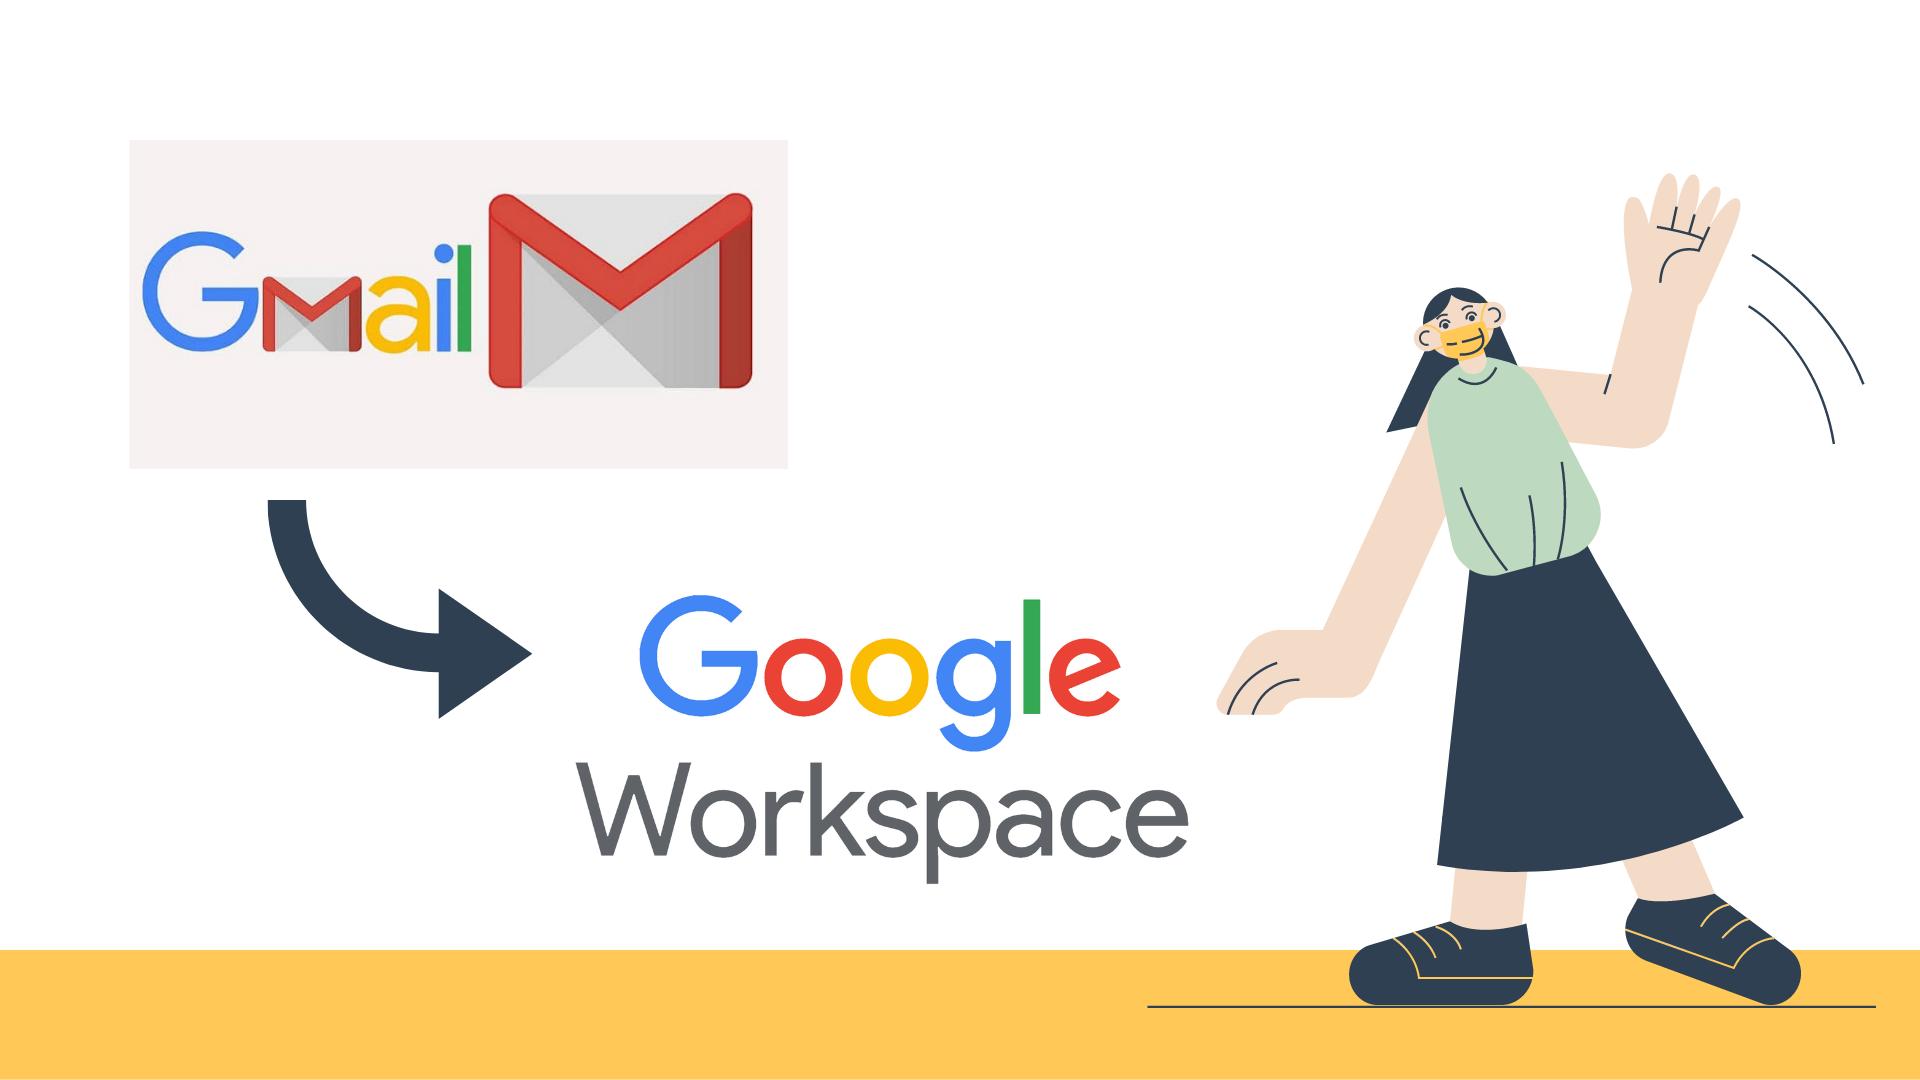 So sánh sự khác biệt giữa Gmail miễn phí và Google Workspace trả phí